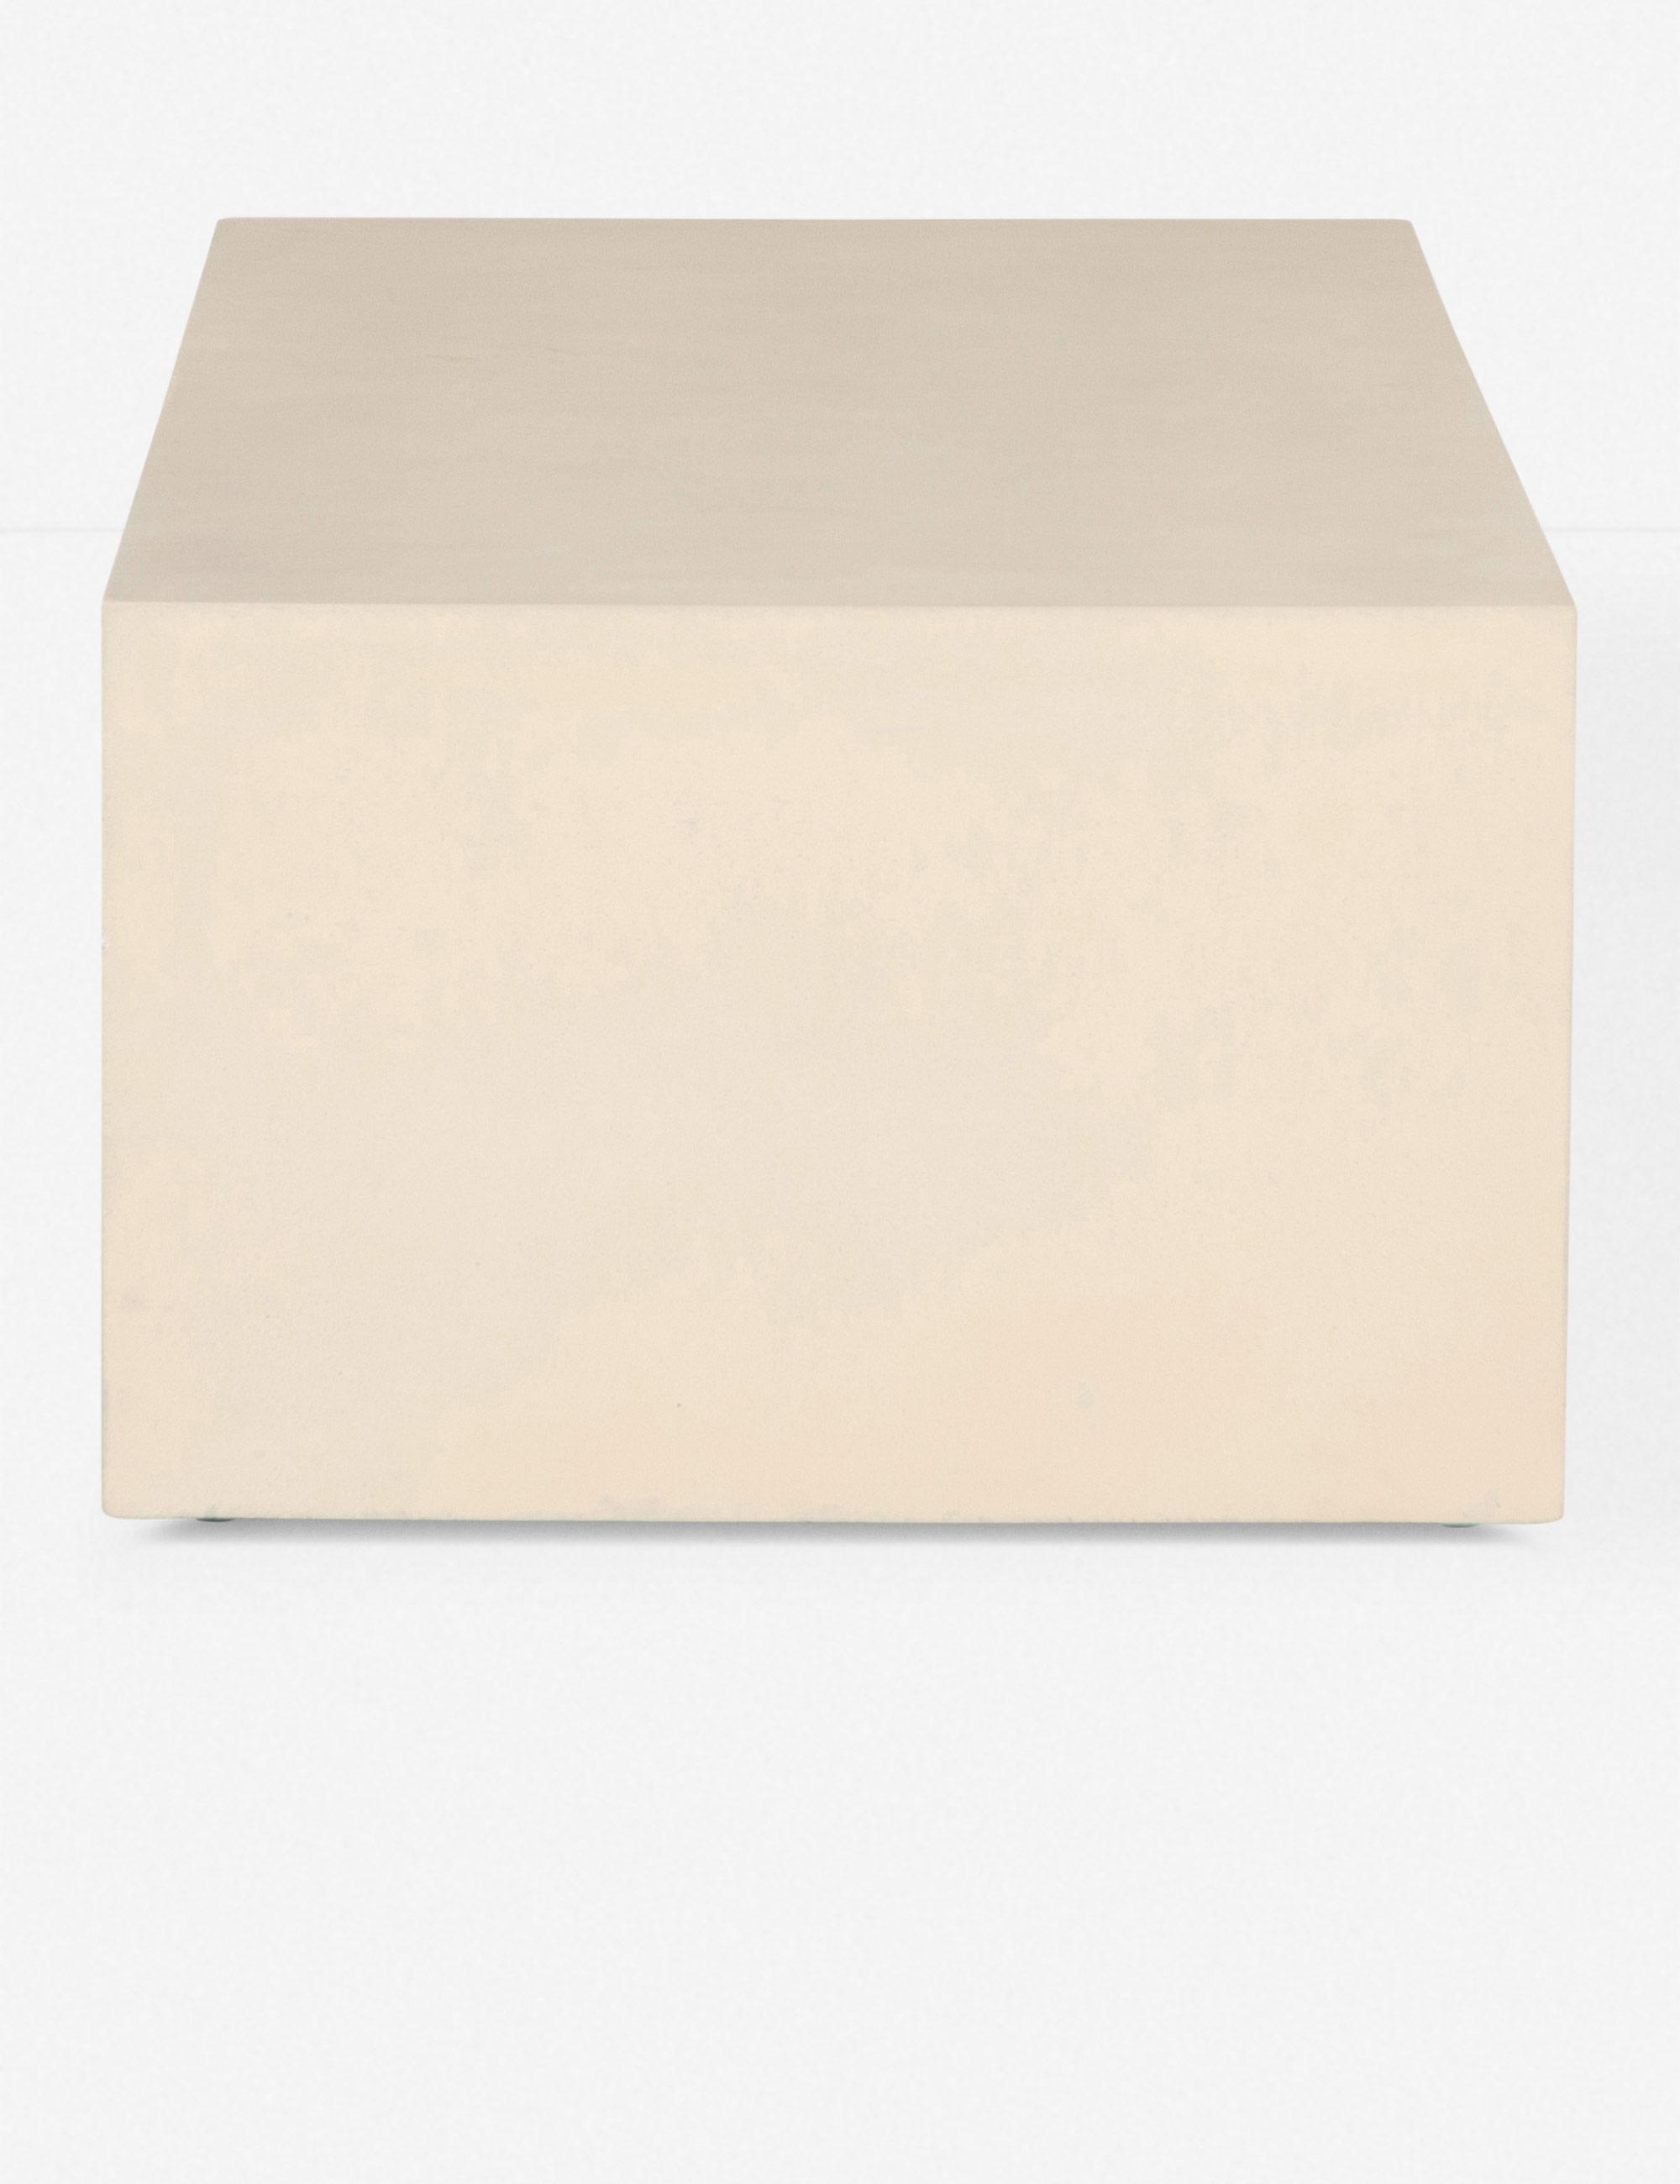 Aprilette Coffee Table, Parchment White